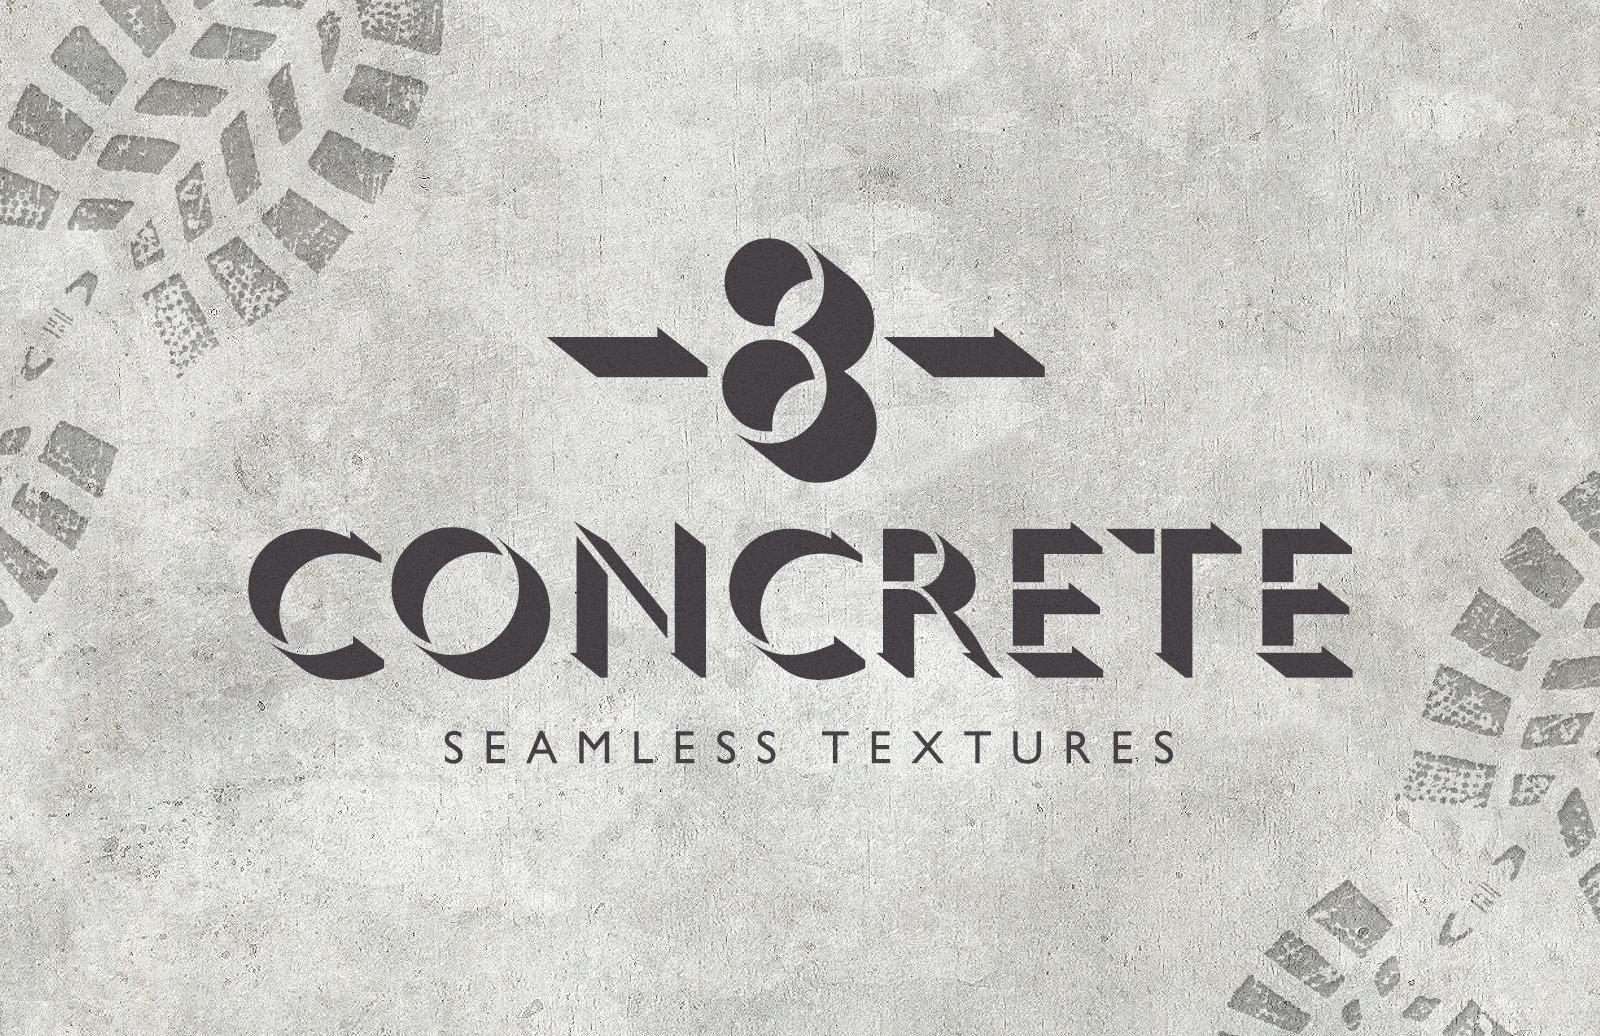 Seamless  Concrete  Textures  Preview 1A